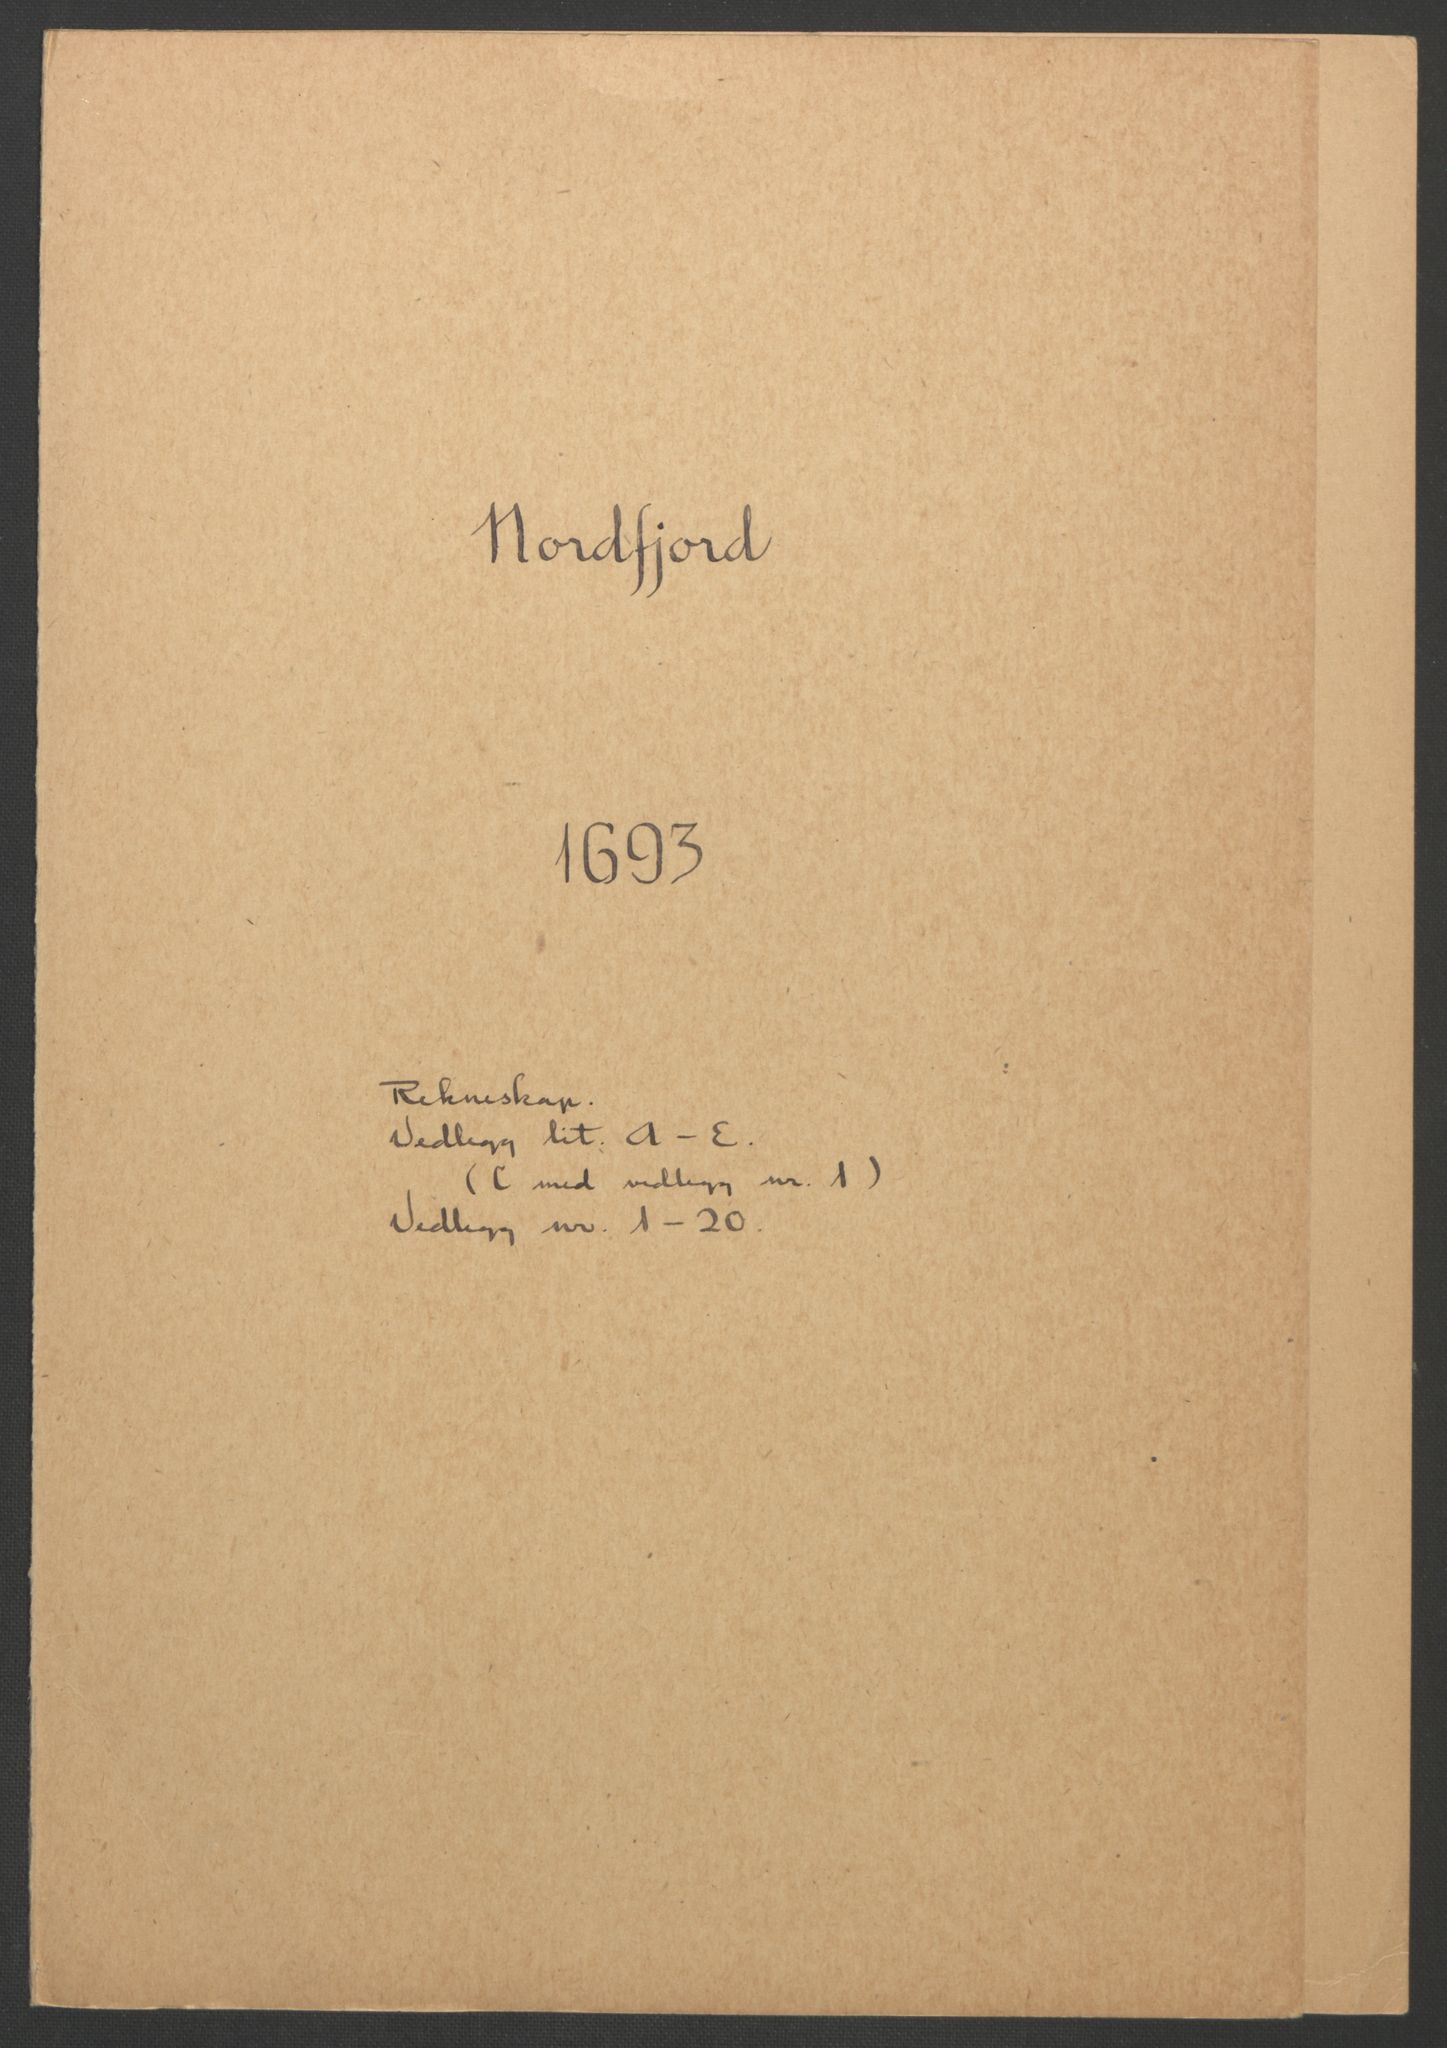 RA, Rentekammeret inntil 1814, Reviderte regnskaper, Fogderegnskap, R53/L3421: Fogderegnskap Sunn- og Nordfjord, 1693-1694, s. 116